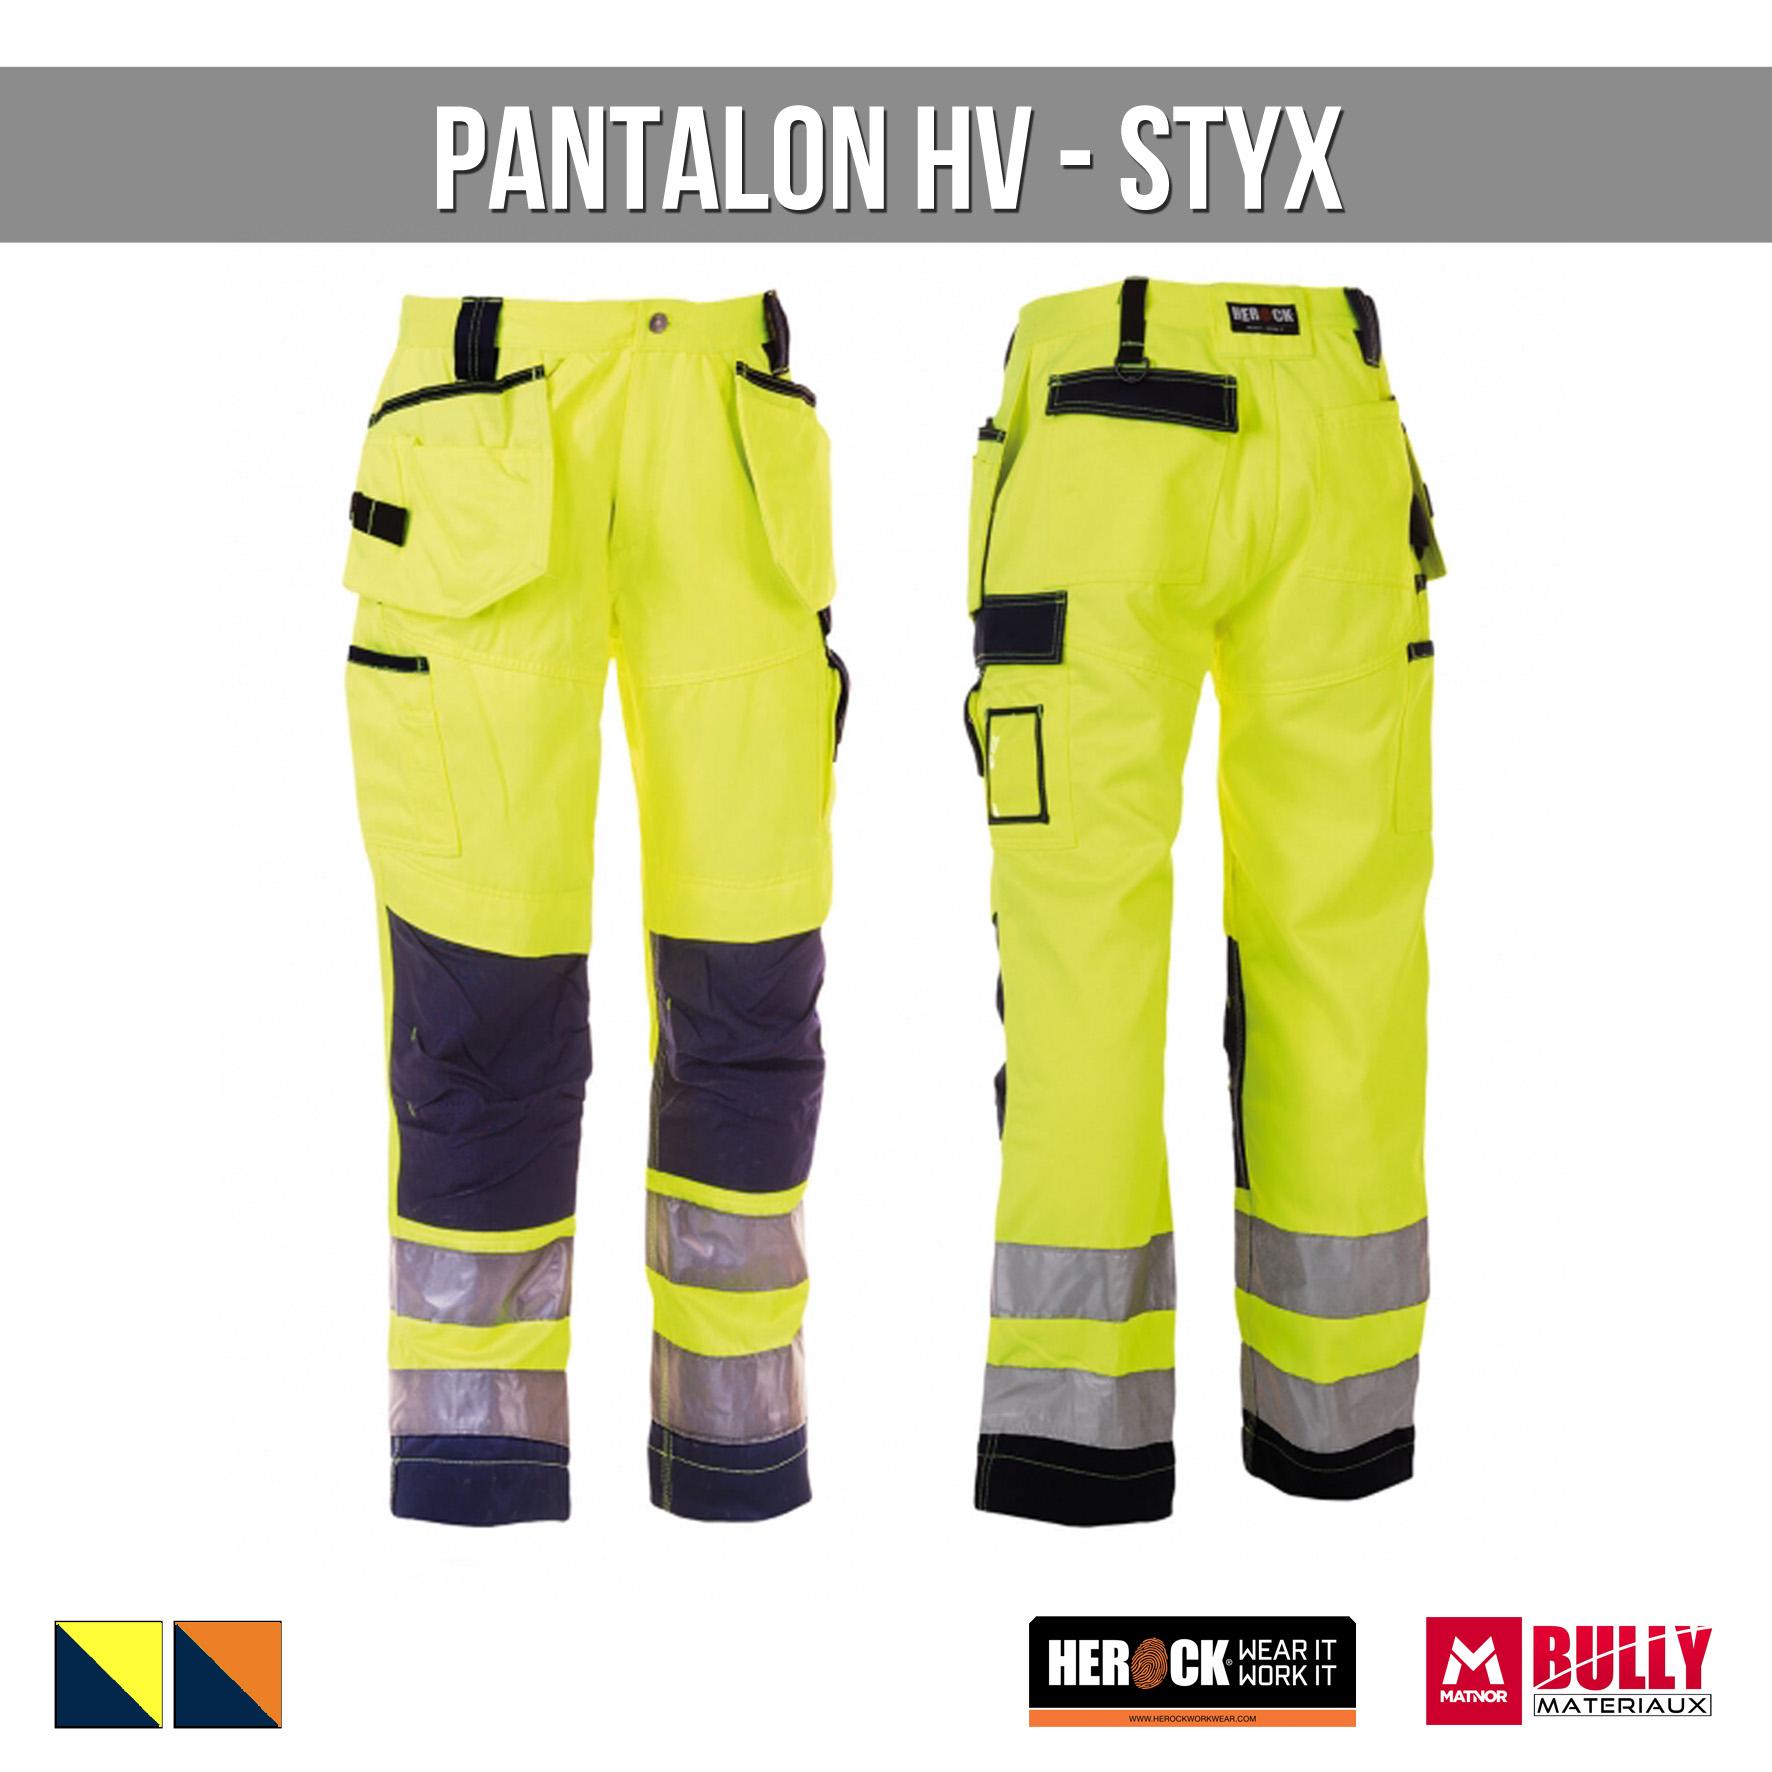 Pantalon hv styx